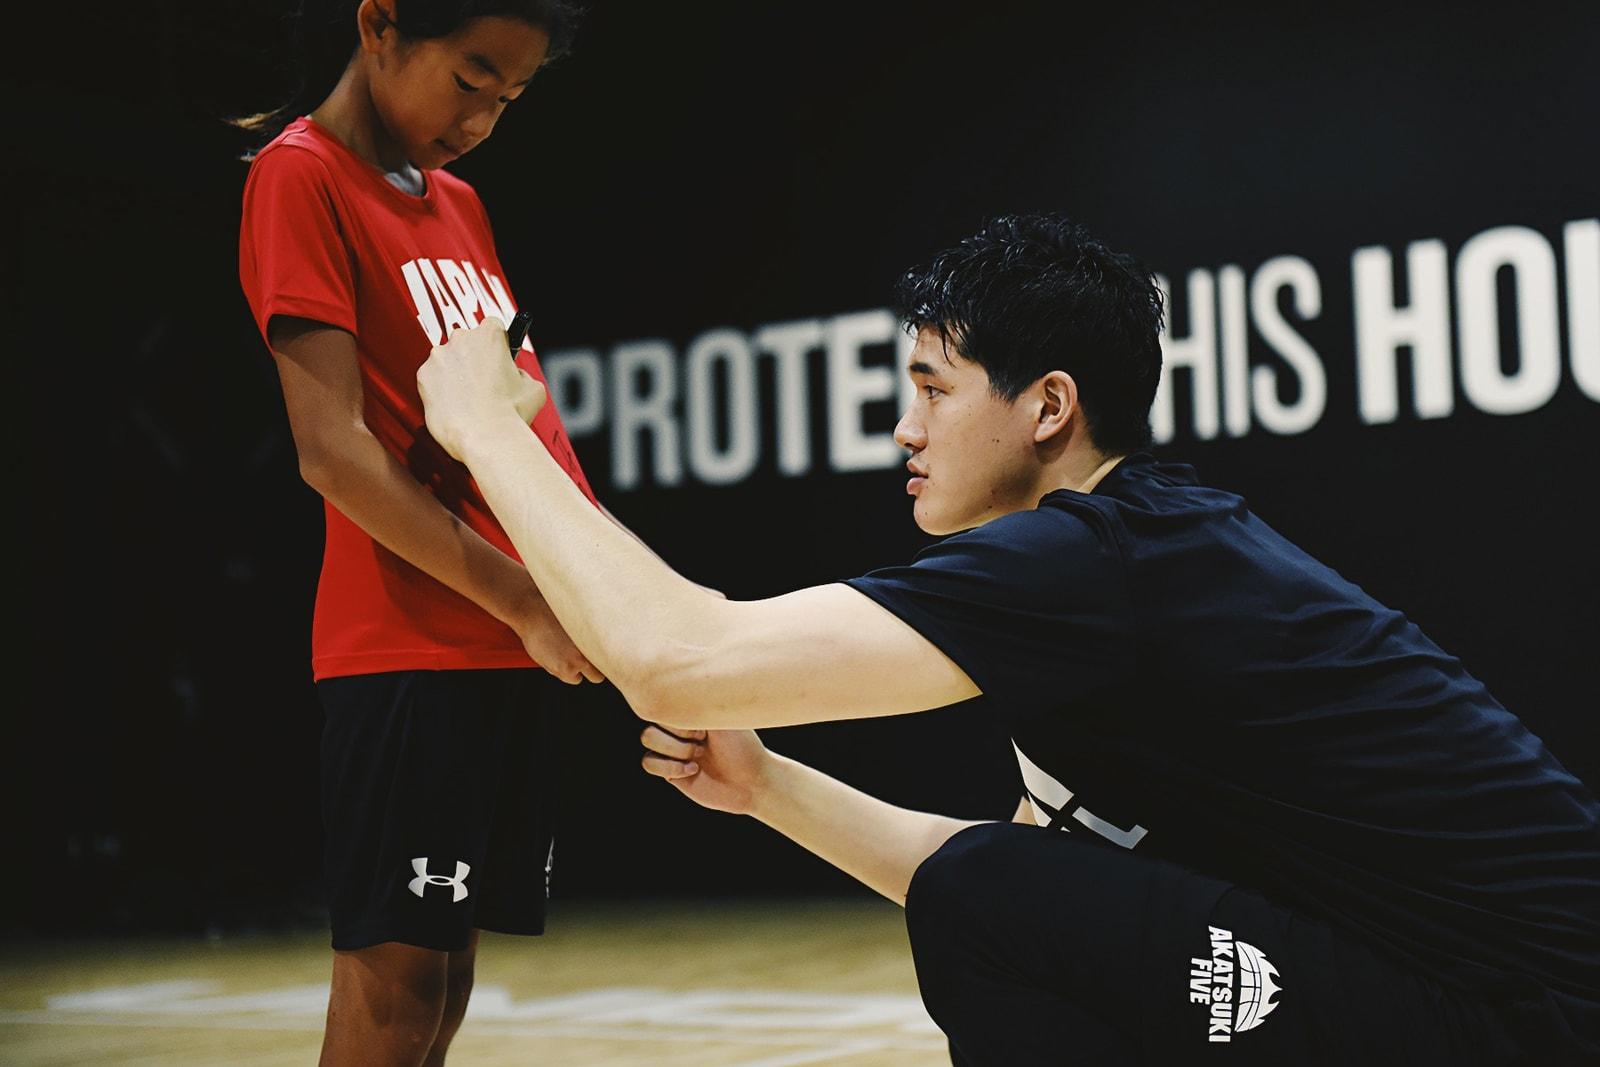 日本代表 FIBAバスケットボール・ワールドカップ 2019 アカツキファイブ 篠山竜青 渡邊雄太 比江島慎 馬場雄大 八村塁 AKATSUKI FIVE